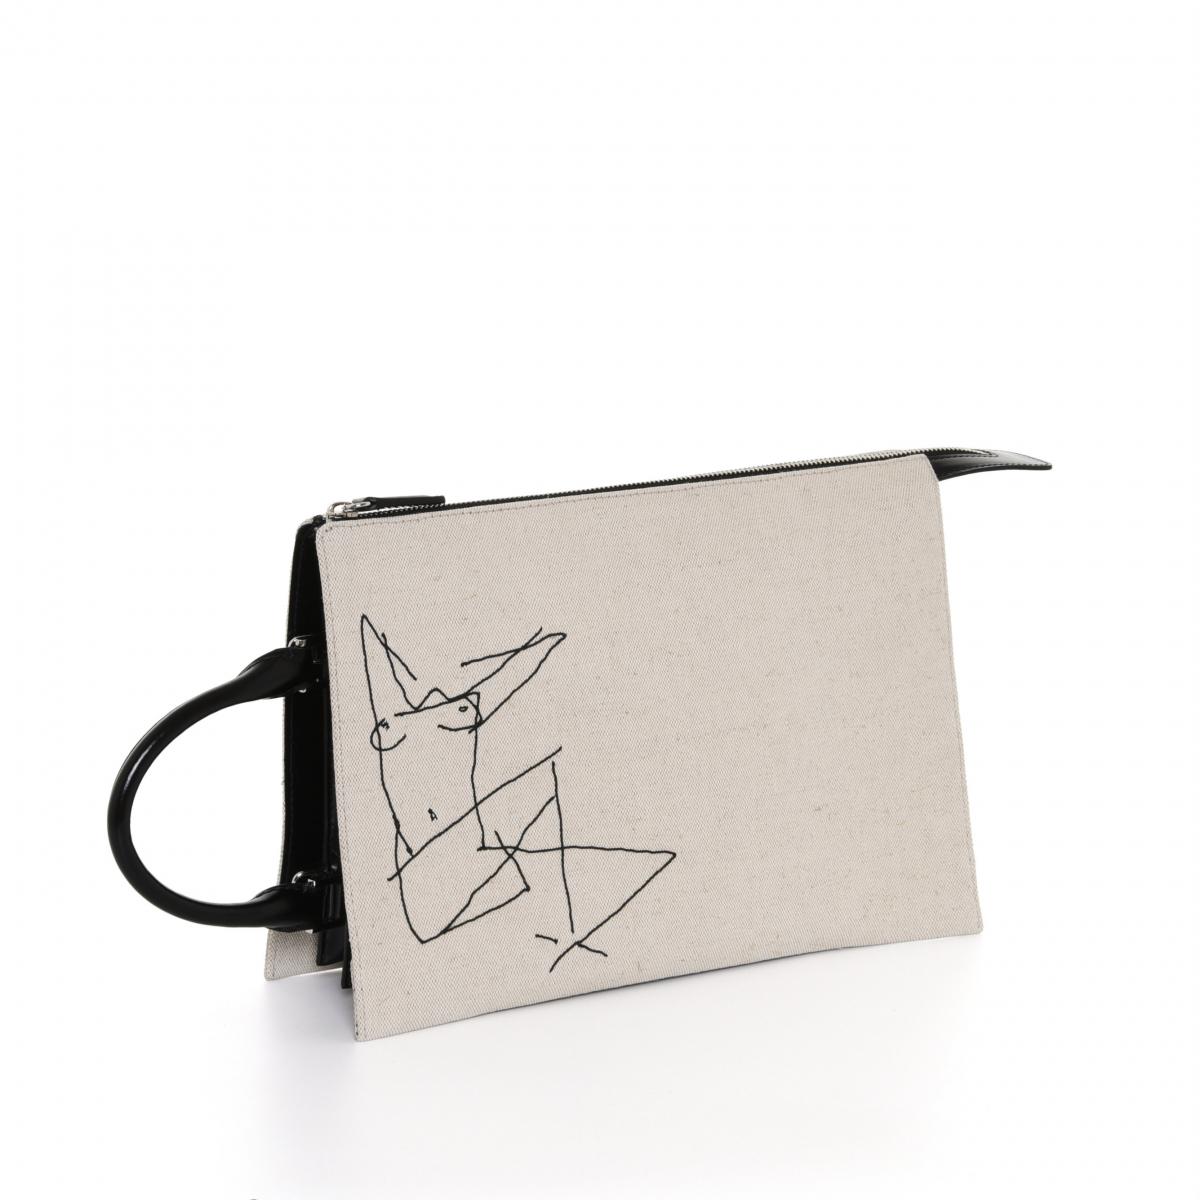 バッグ「トゥーティー ミディアム」〈H22×W30×D7㎝〉¥185,000/オンワードグローバルファッション(ジル・サンダー)